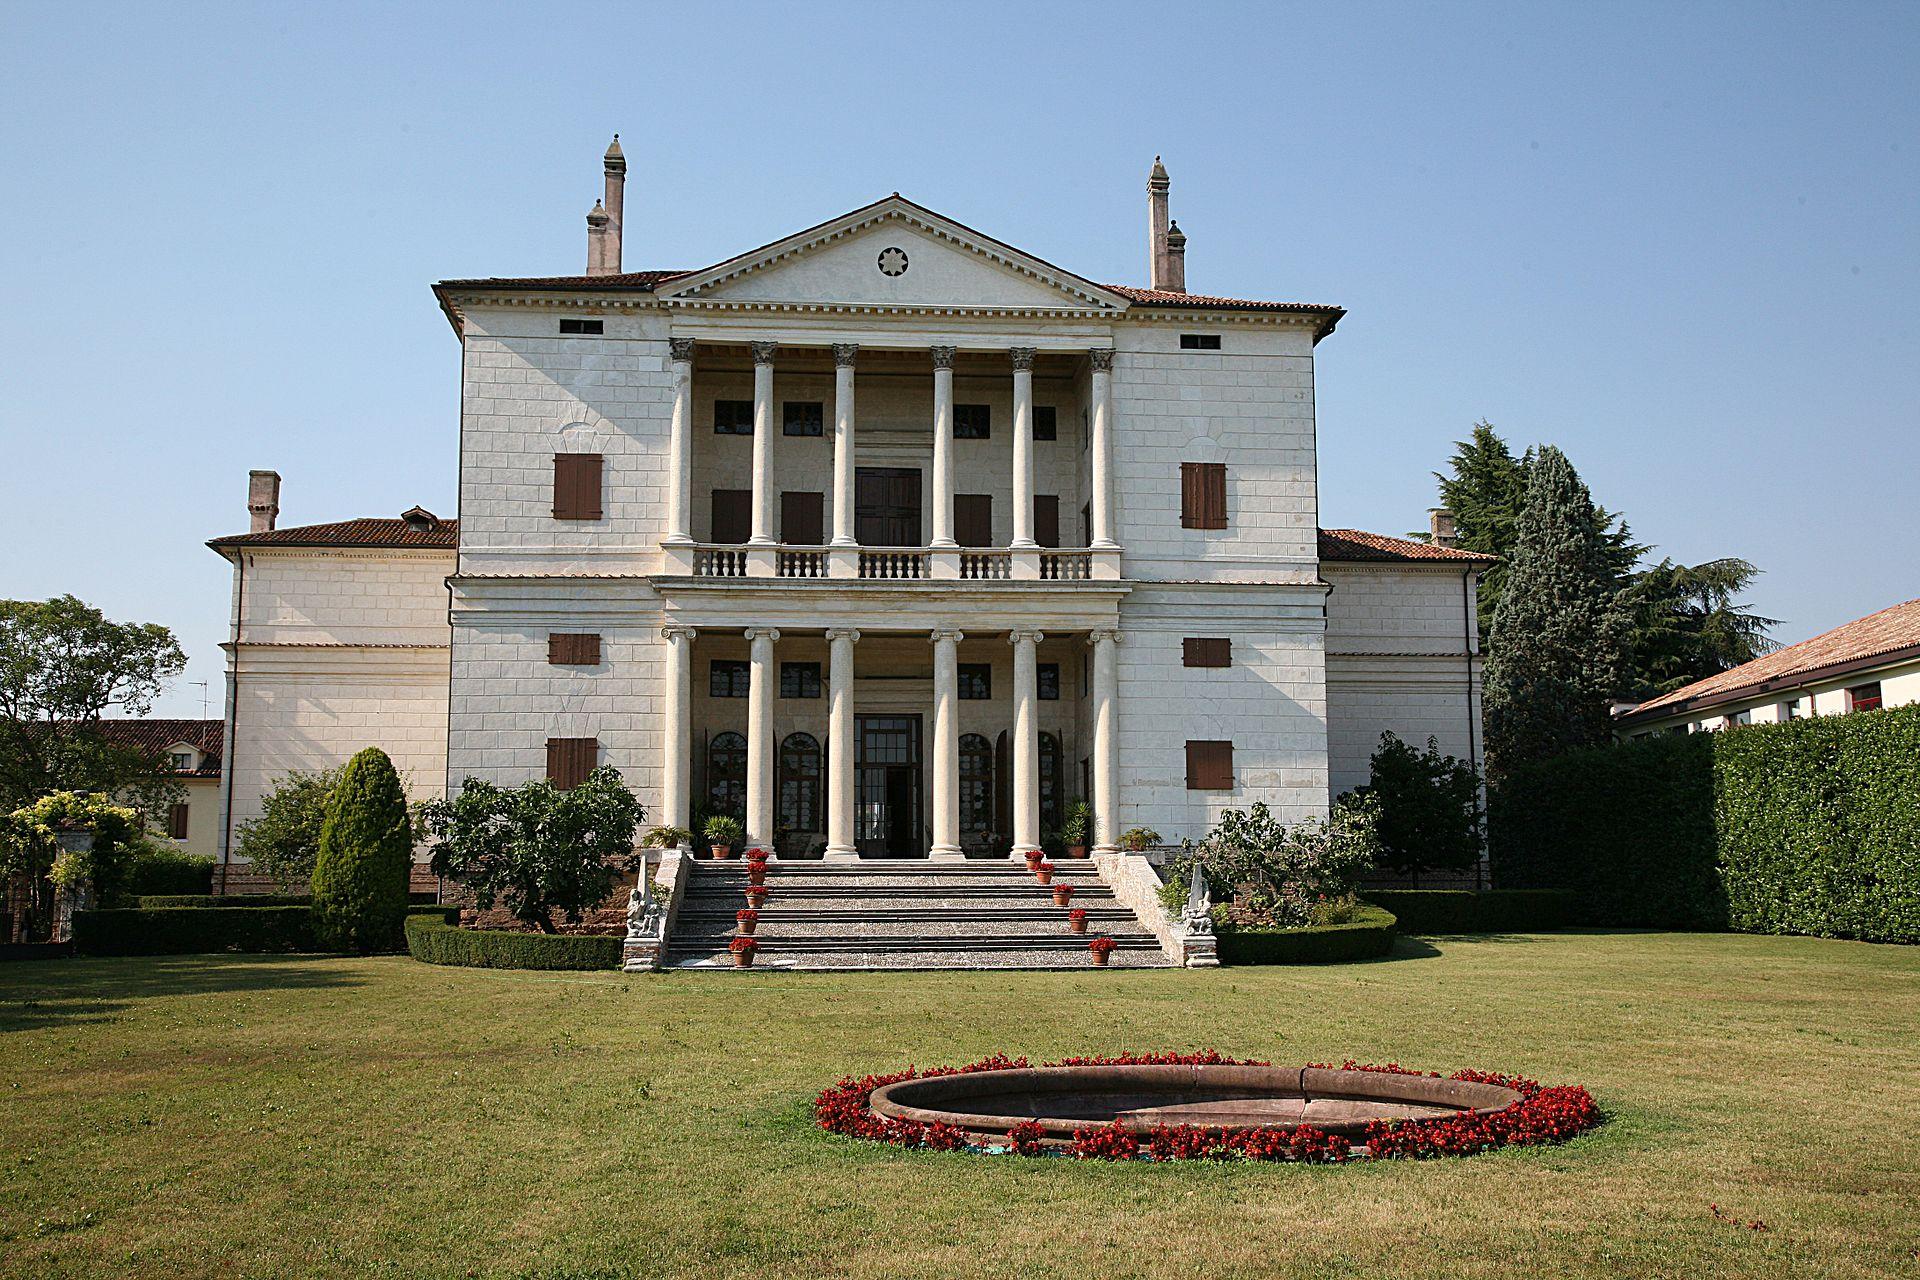 Villa Cornaro, Piombino Dese<br /><br />30 km-re Velencétől található, a tipikus reneszánsz villa mintapéldája.<br /><br />Kép: Wikimedia Commons / Hans A. Rosbach